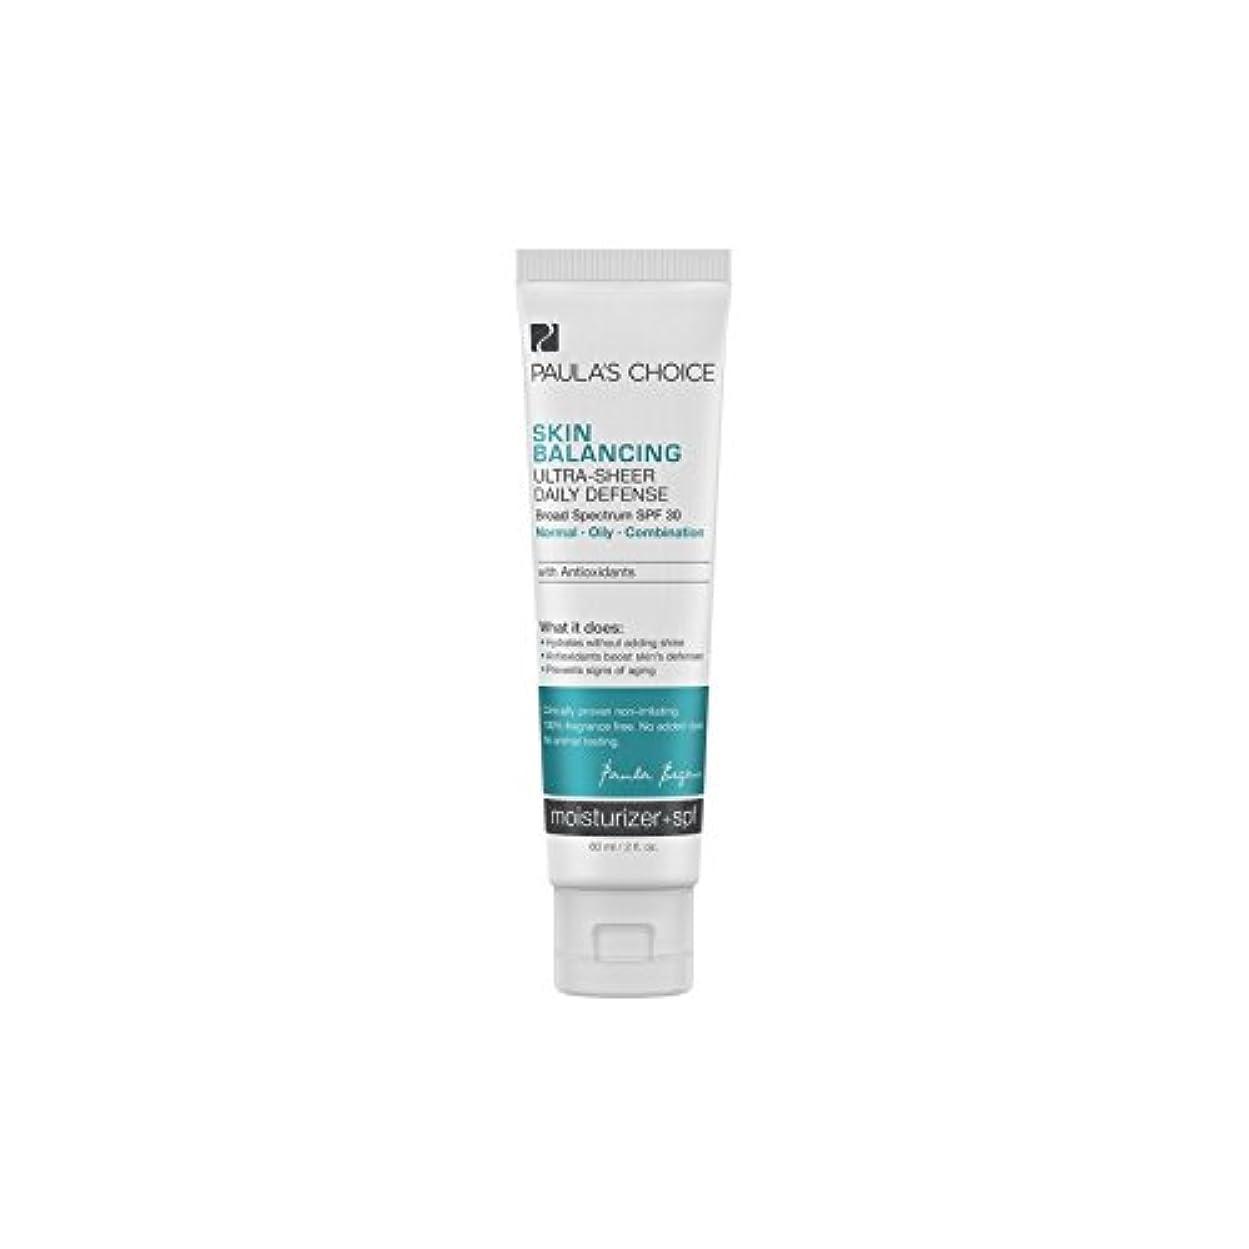 スキニー周辺ビルマPaula's Choice Skin Balancing Ultra-Sheer Daily Defense Spf30 (60ml) - ポーラチョイスの肌のバランスウルトラシアー毎日防衛30(60ミリリットル) [並行輸入品]